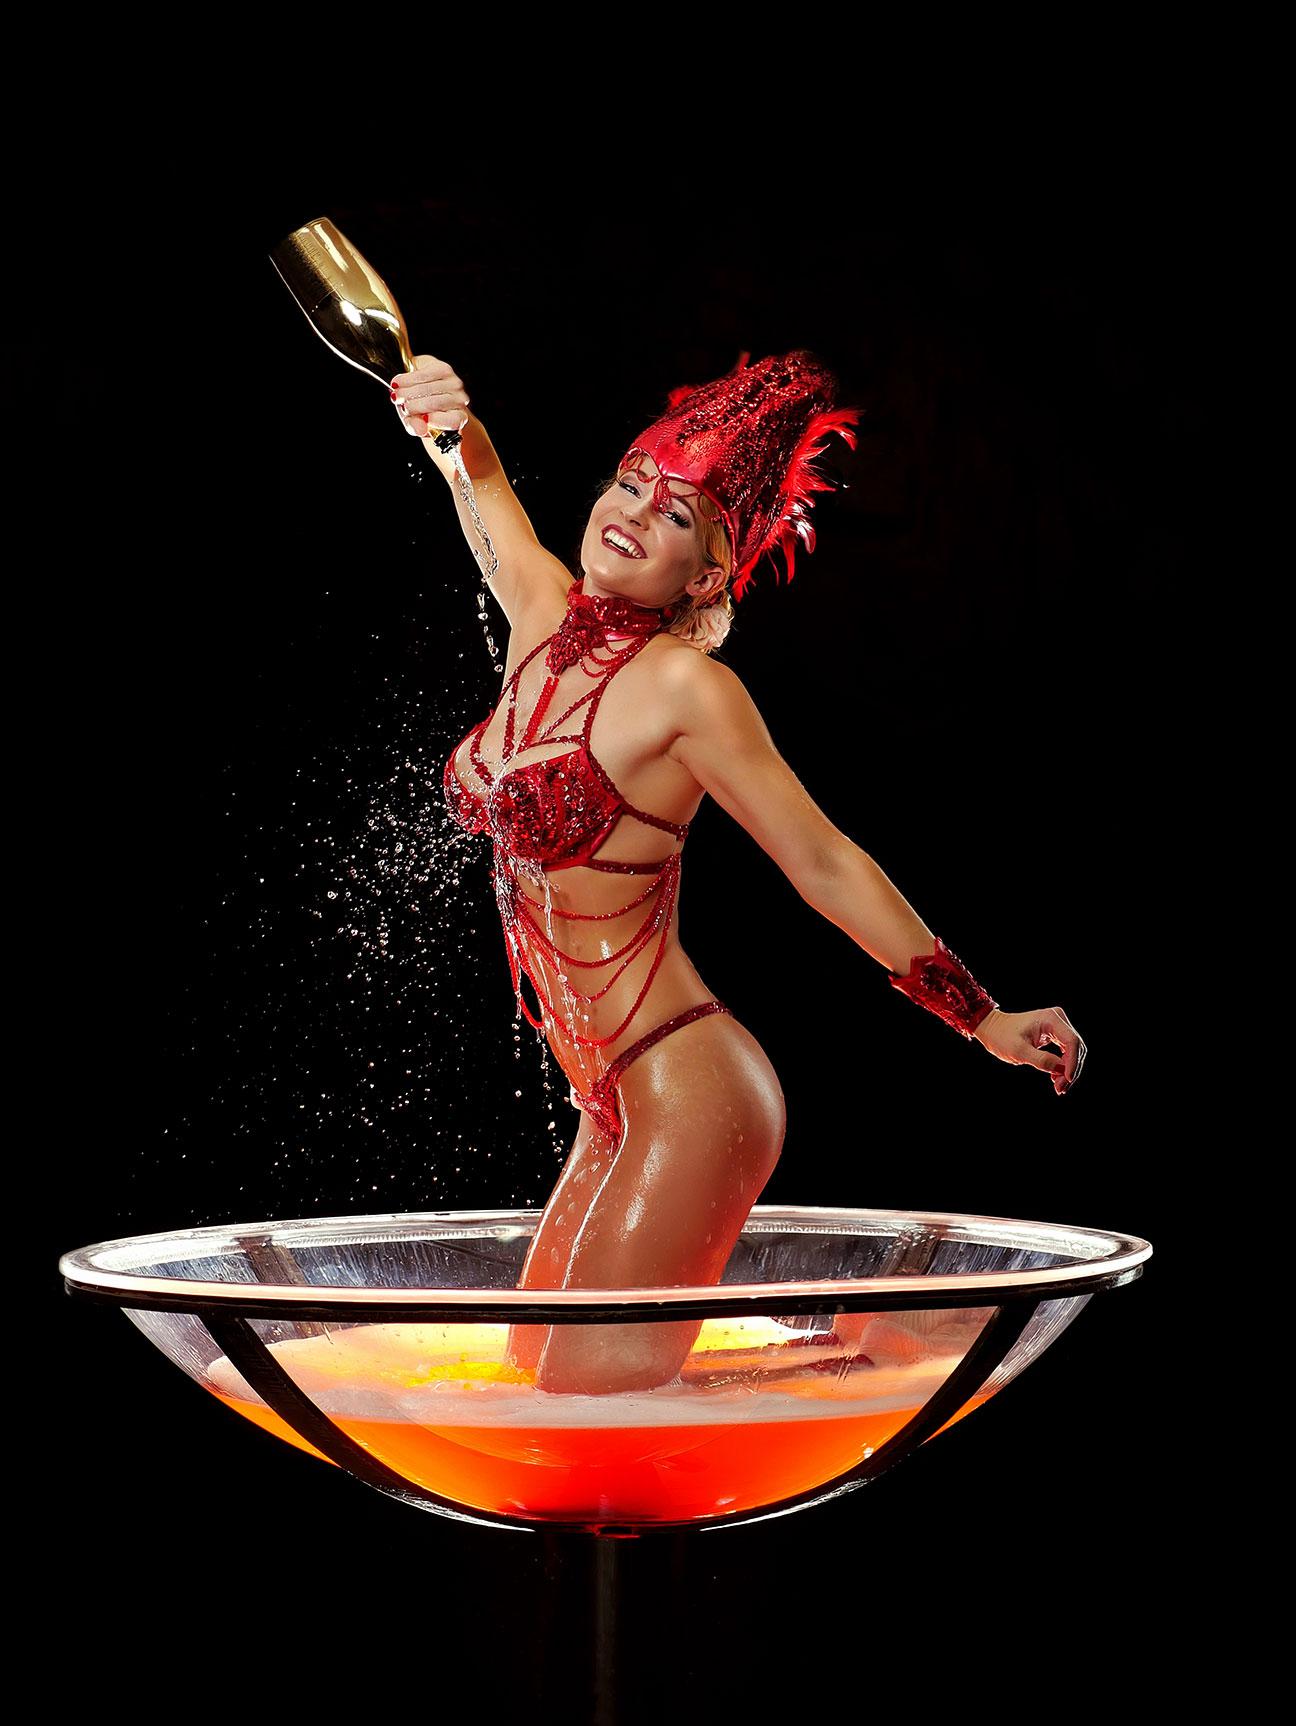 Burlesque Show im XXL Glas, Sektkelch, Partyglas, Partyshowglas.... mieten